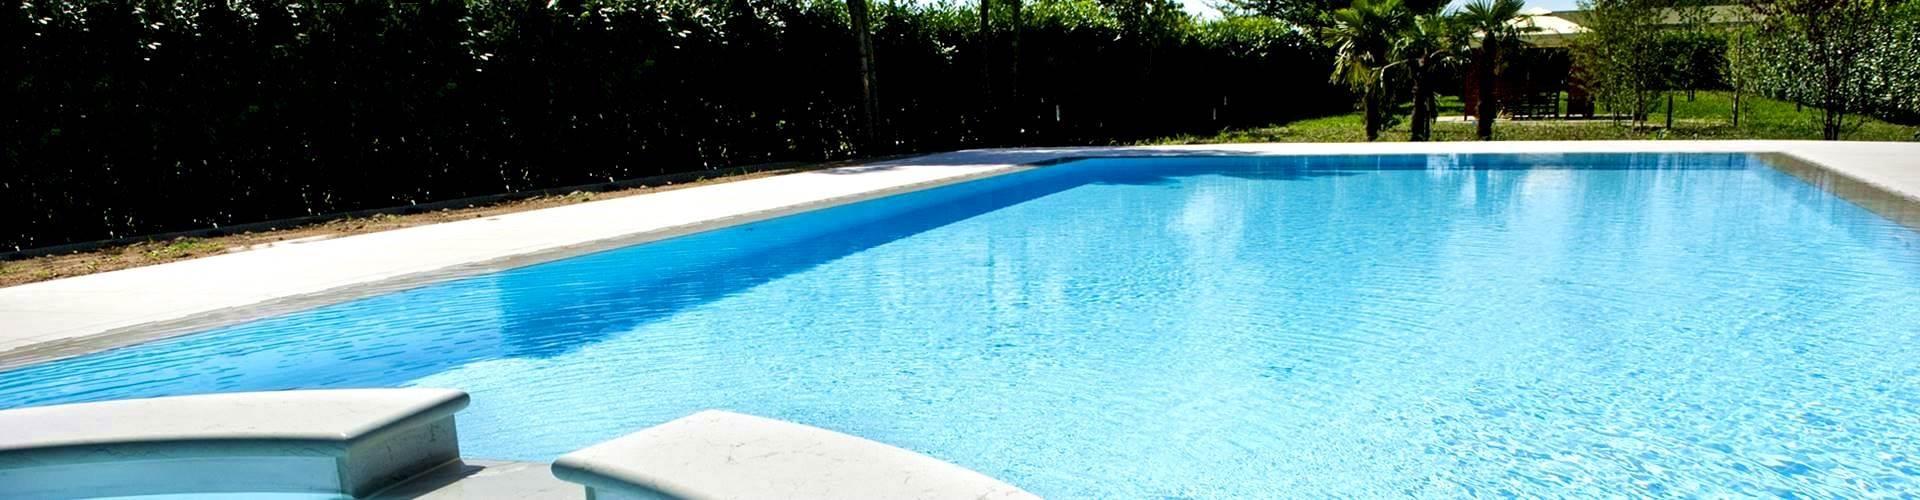 Costruttori piscine mantova costruzione piscine mantova - Costruzione piscine brescia ...